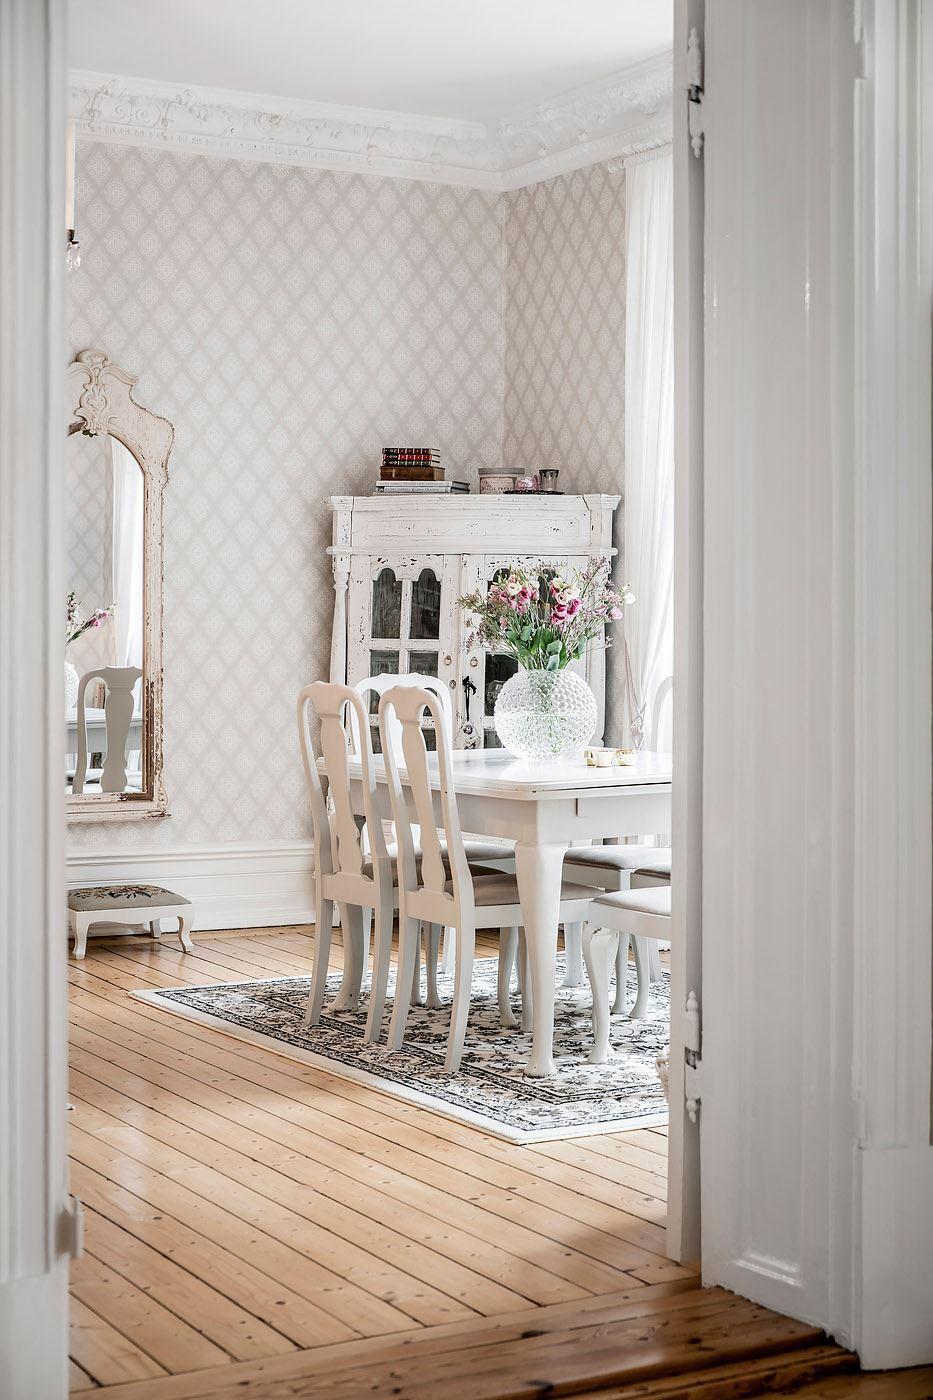 дверной проем наличники порог деревянный пол